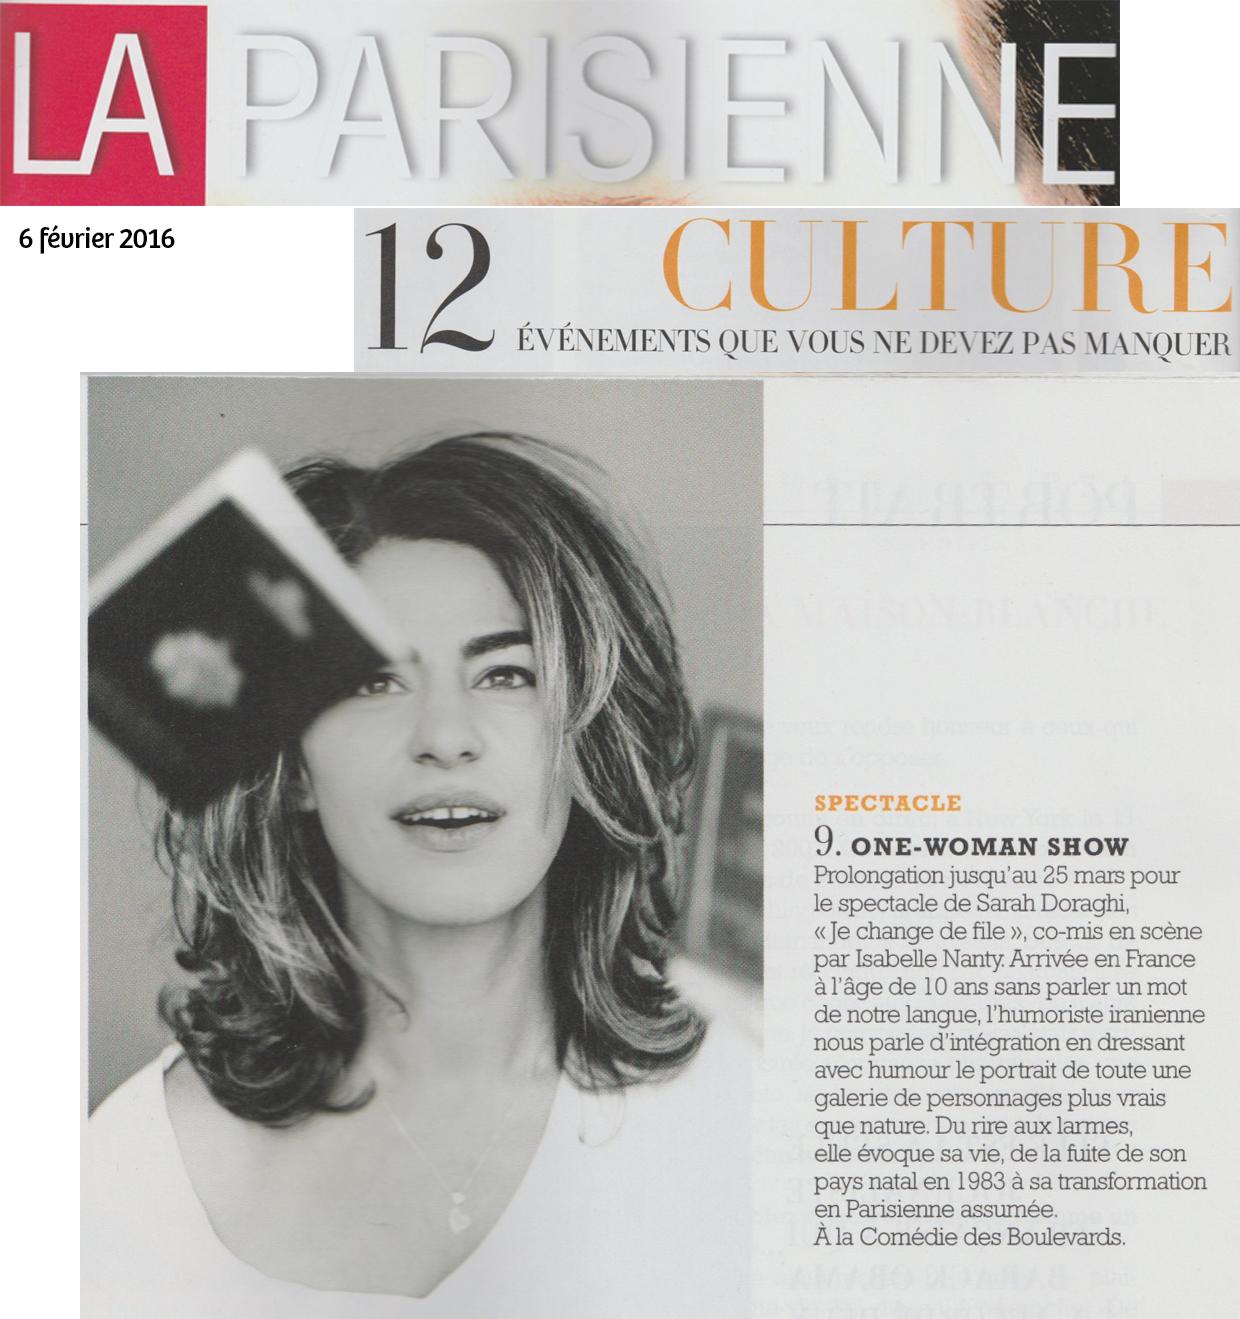 La Parisienne 06.02.16